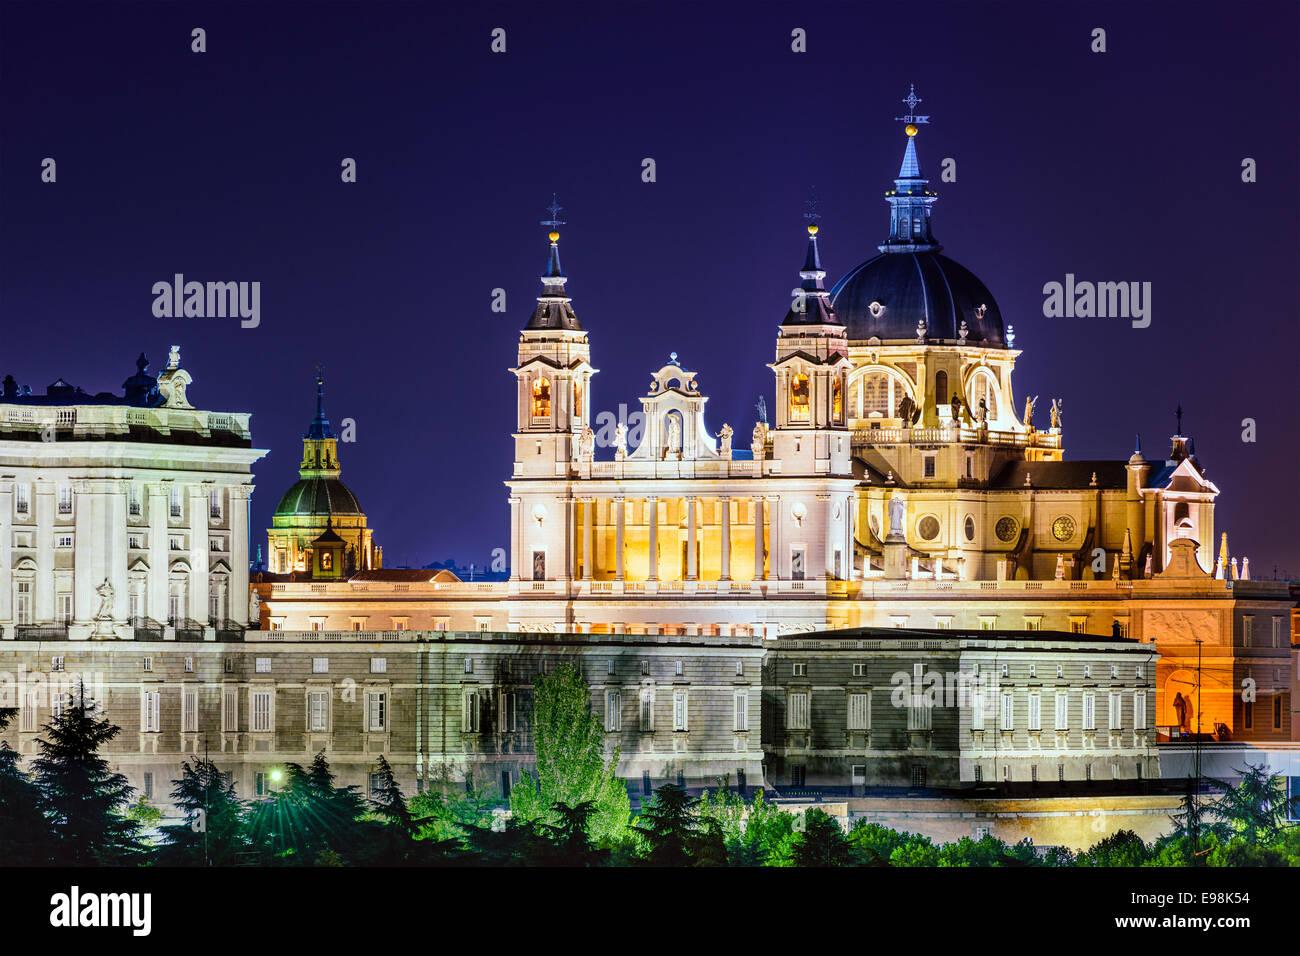 Madrid, Spagna skyline a Santa Maria la Real de La Almudena Cattedrale e il Palazzo Reale. Immagini Stock